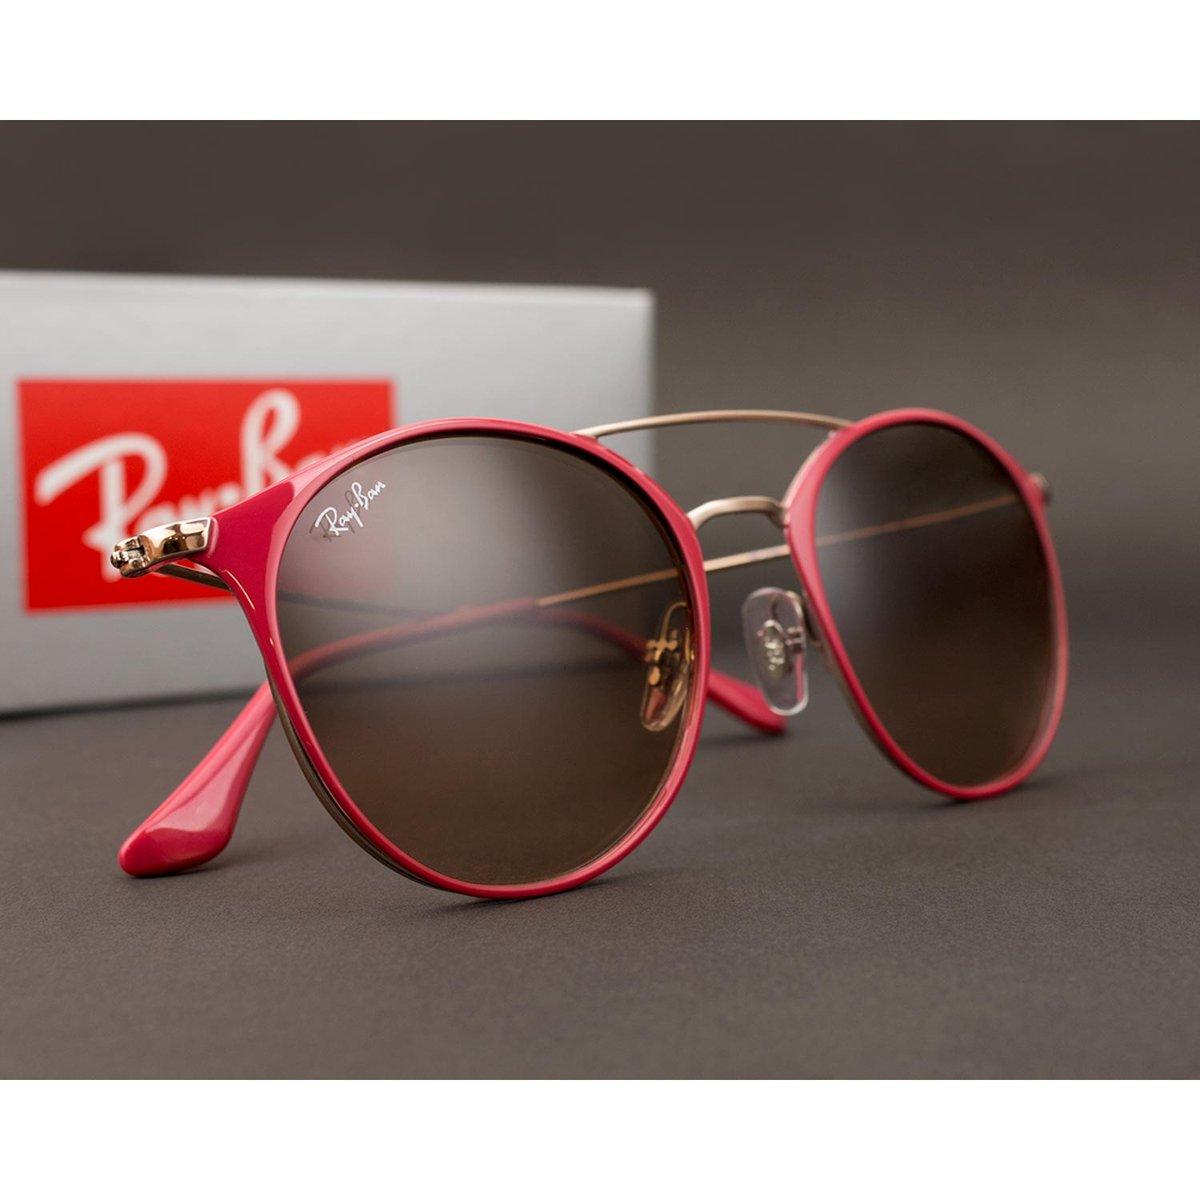 Óculos de Sol Ray Ban RB3546 907271-52 - Compre Agora   Zattini 0c382e0fb655